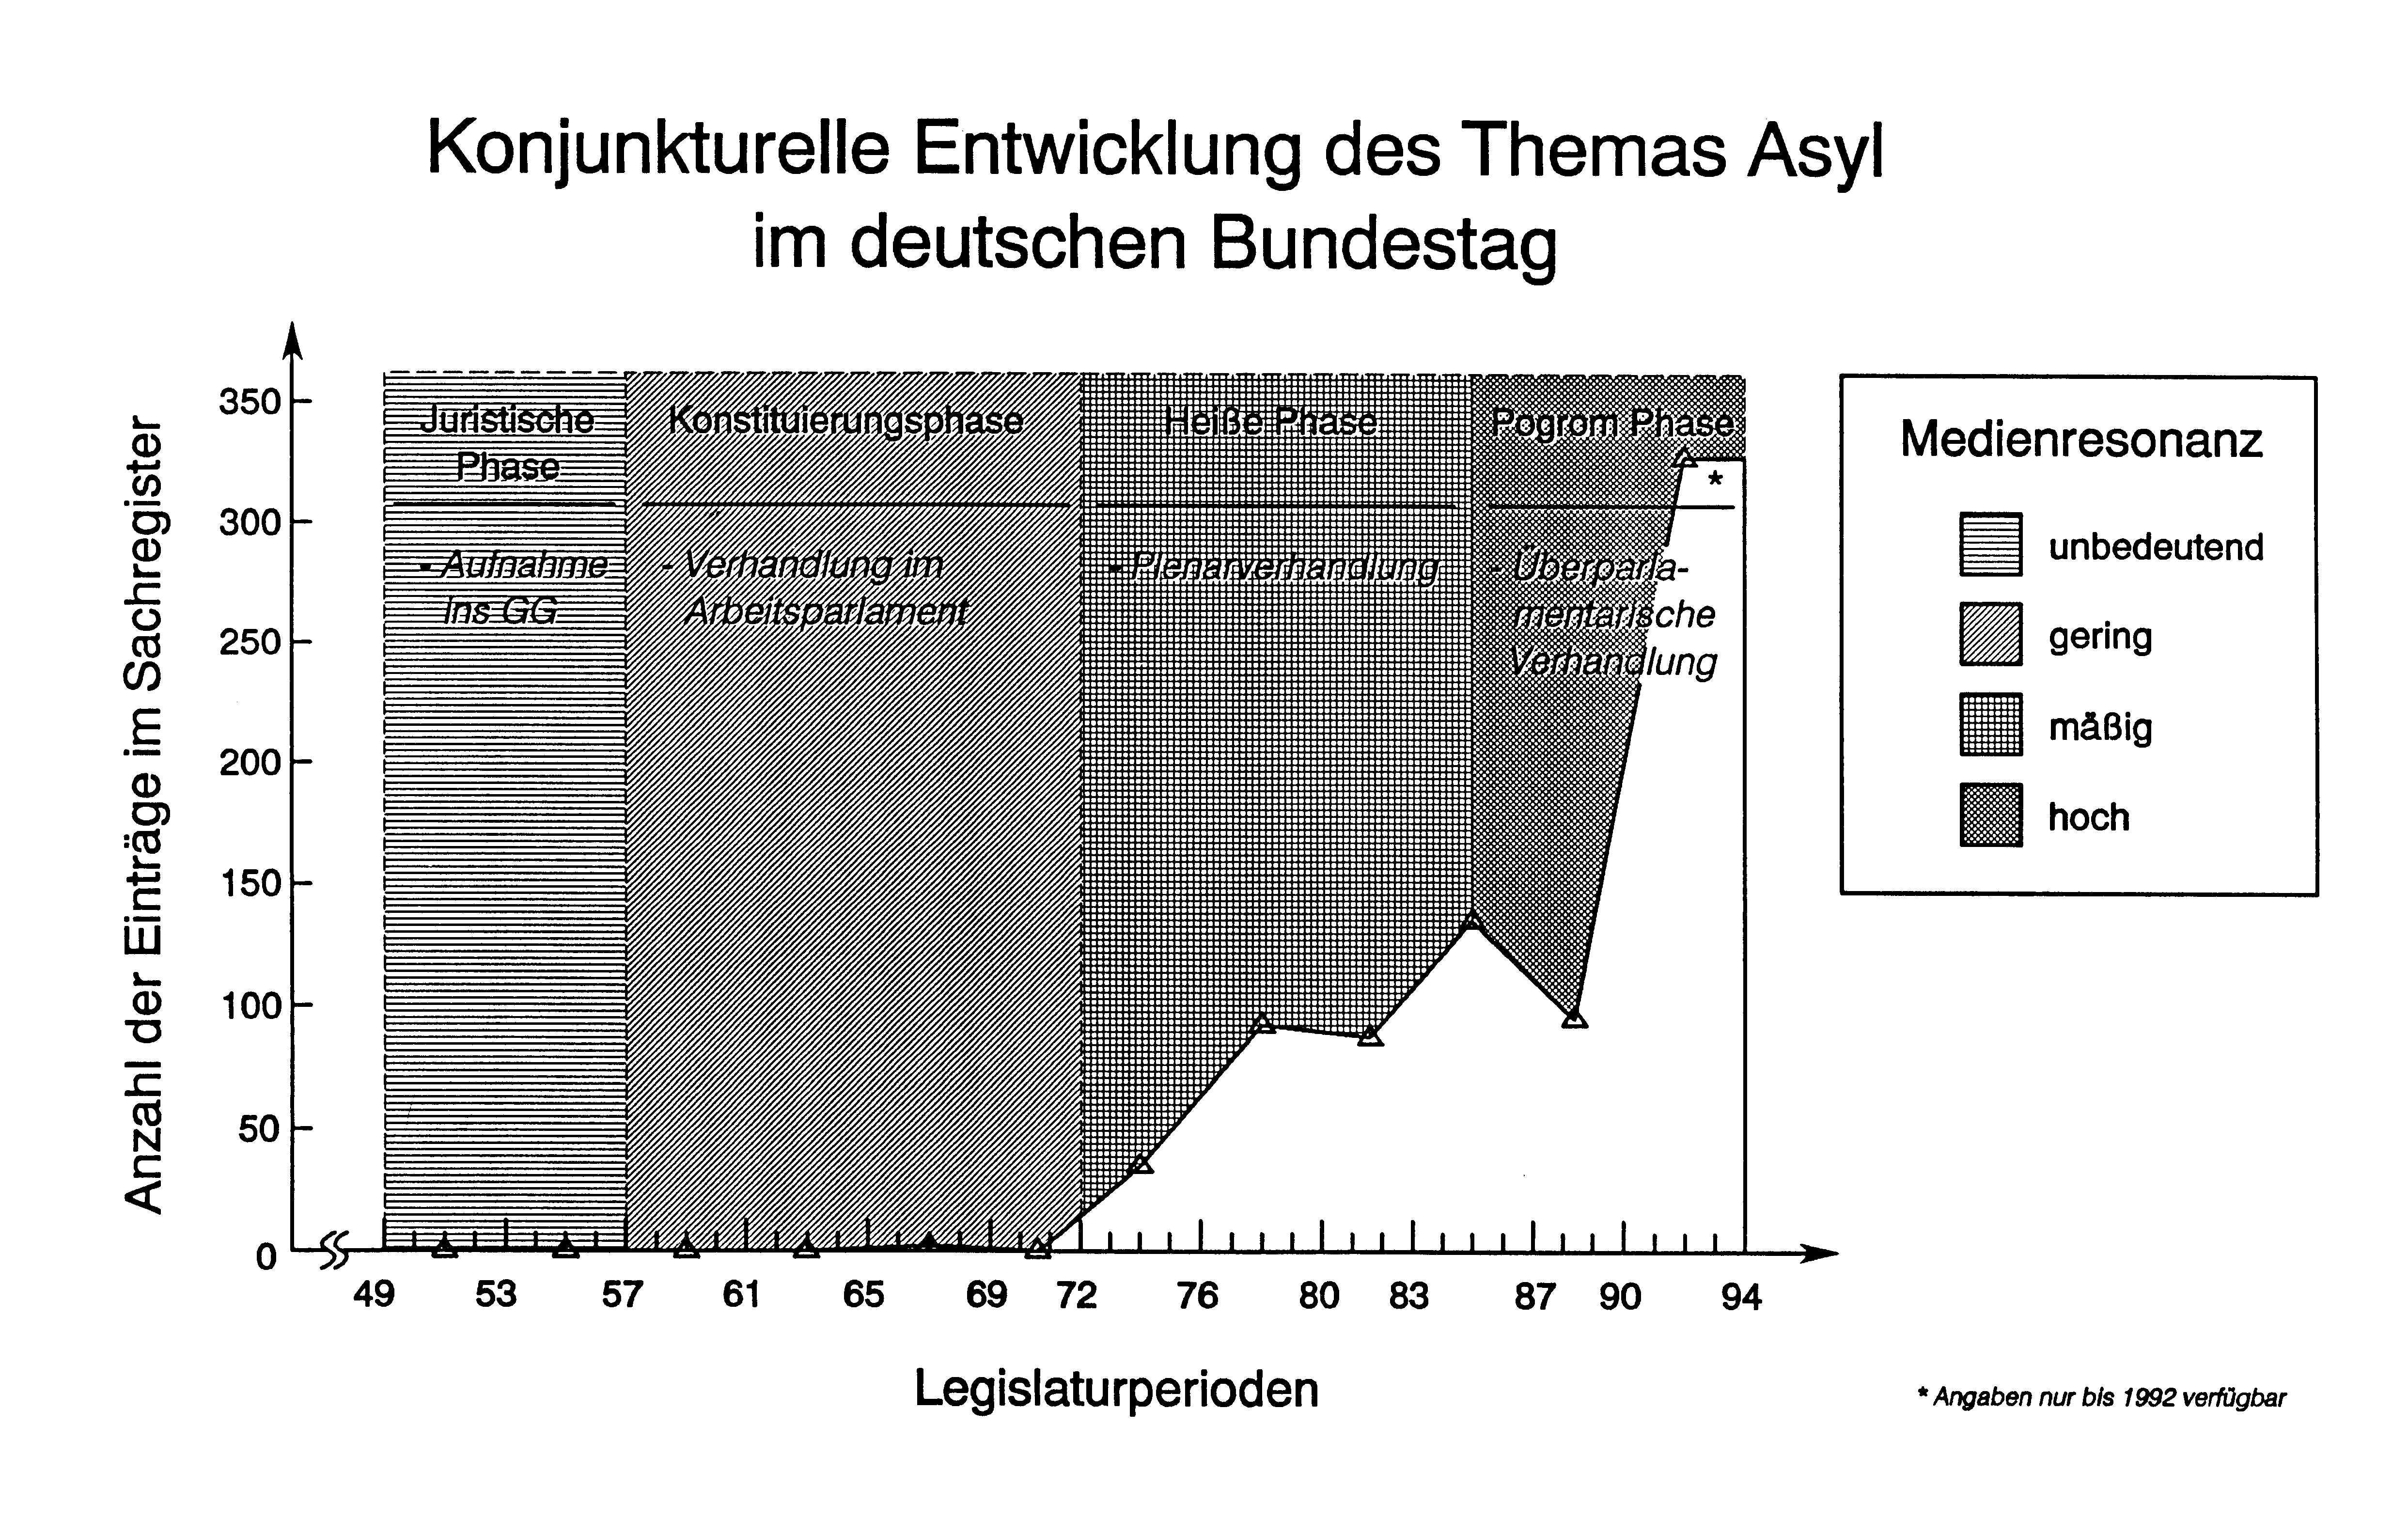 Bild 2 - Konjunkturelle Entwicklung